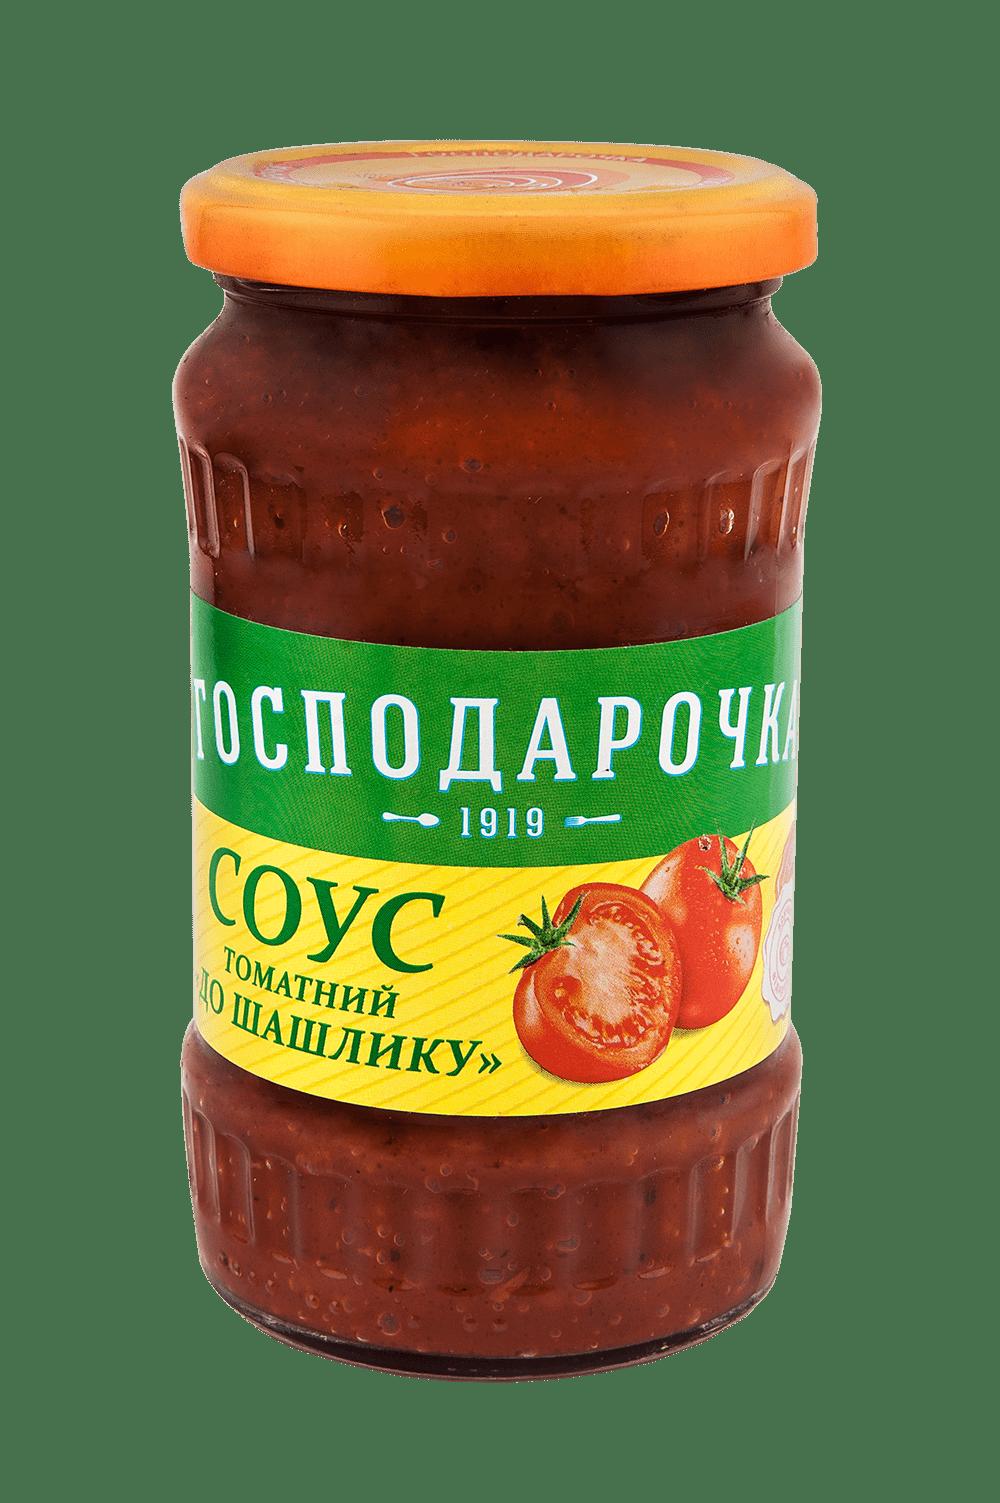 52 Sous tomatnyy Do shashlyku s-b, 360h TV TM Hospodarochka (2)